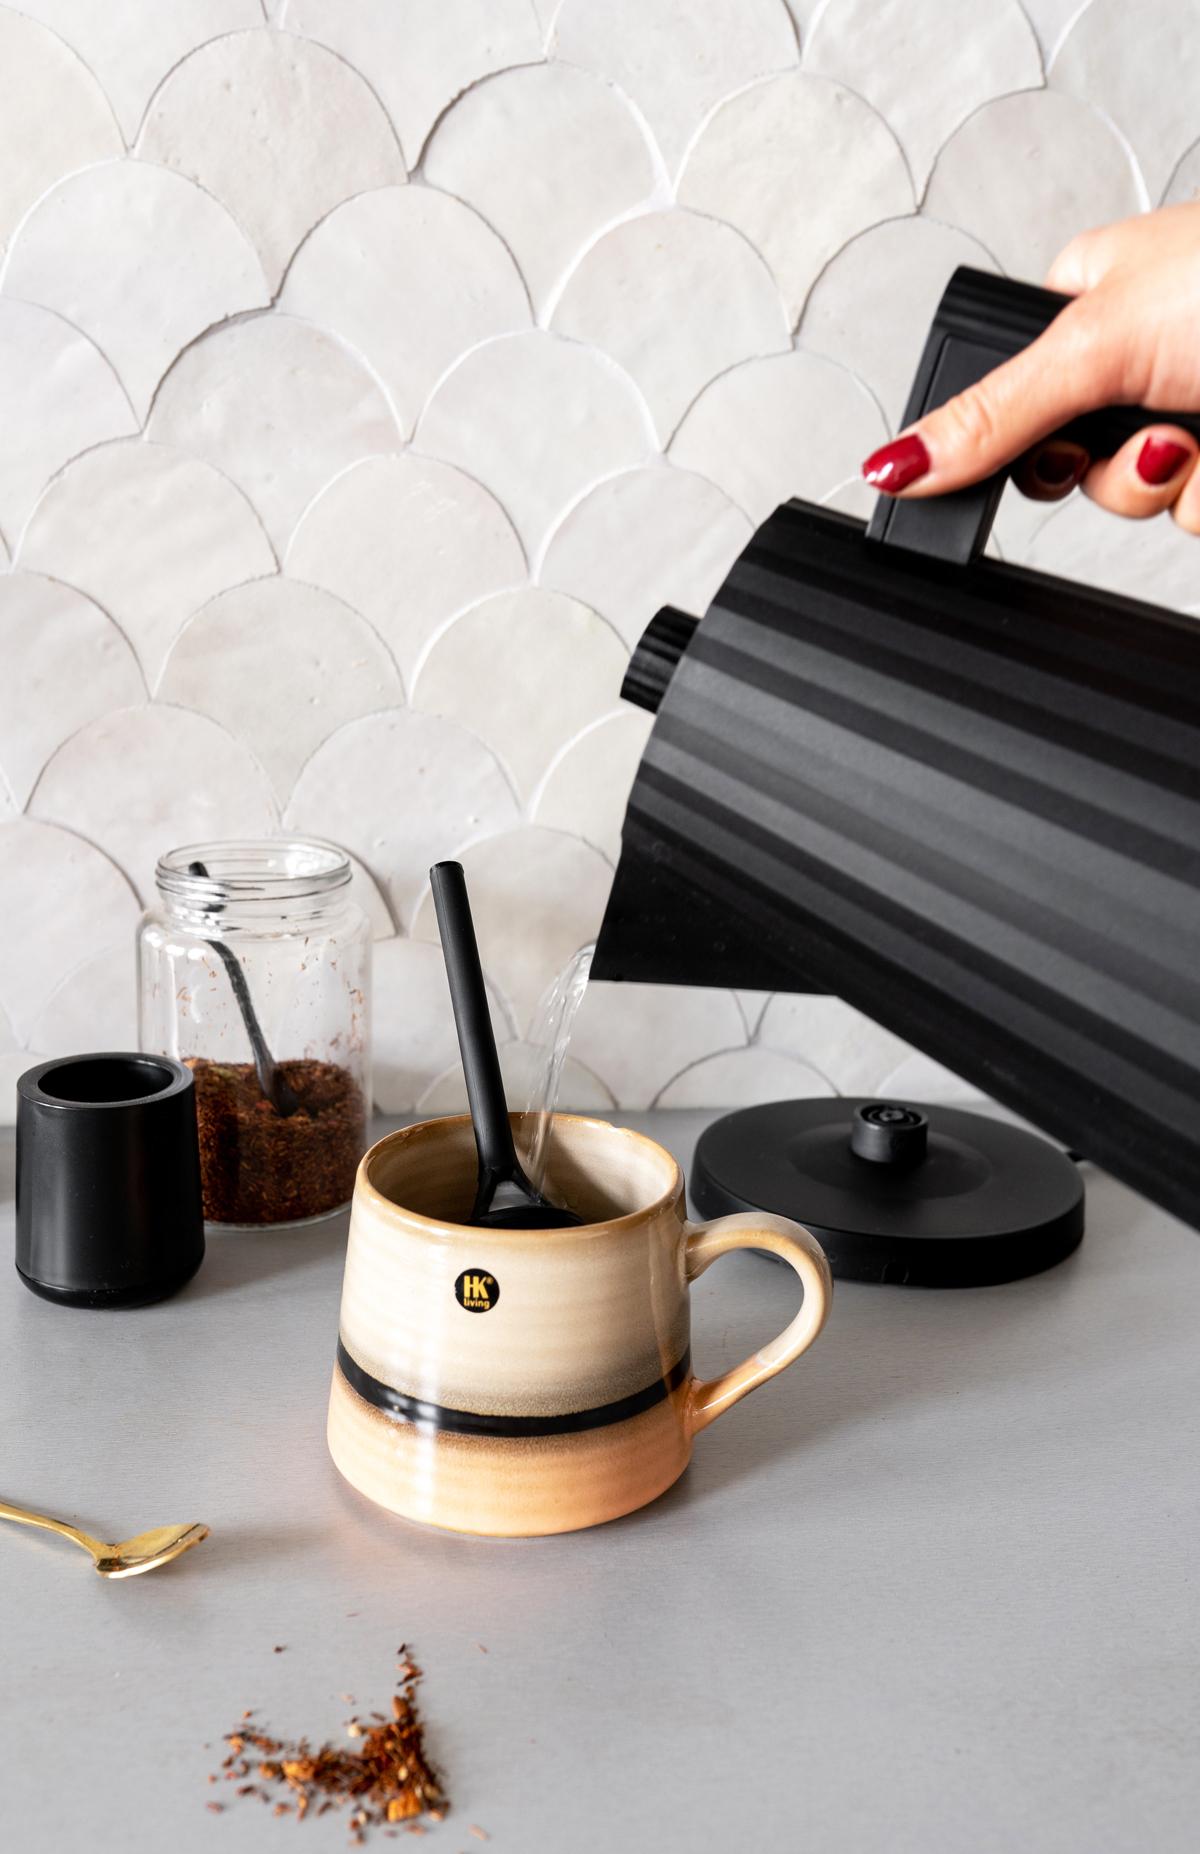 Waterkoker thee styling - Tanja van Hoogdalem